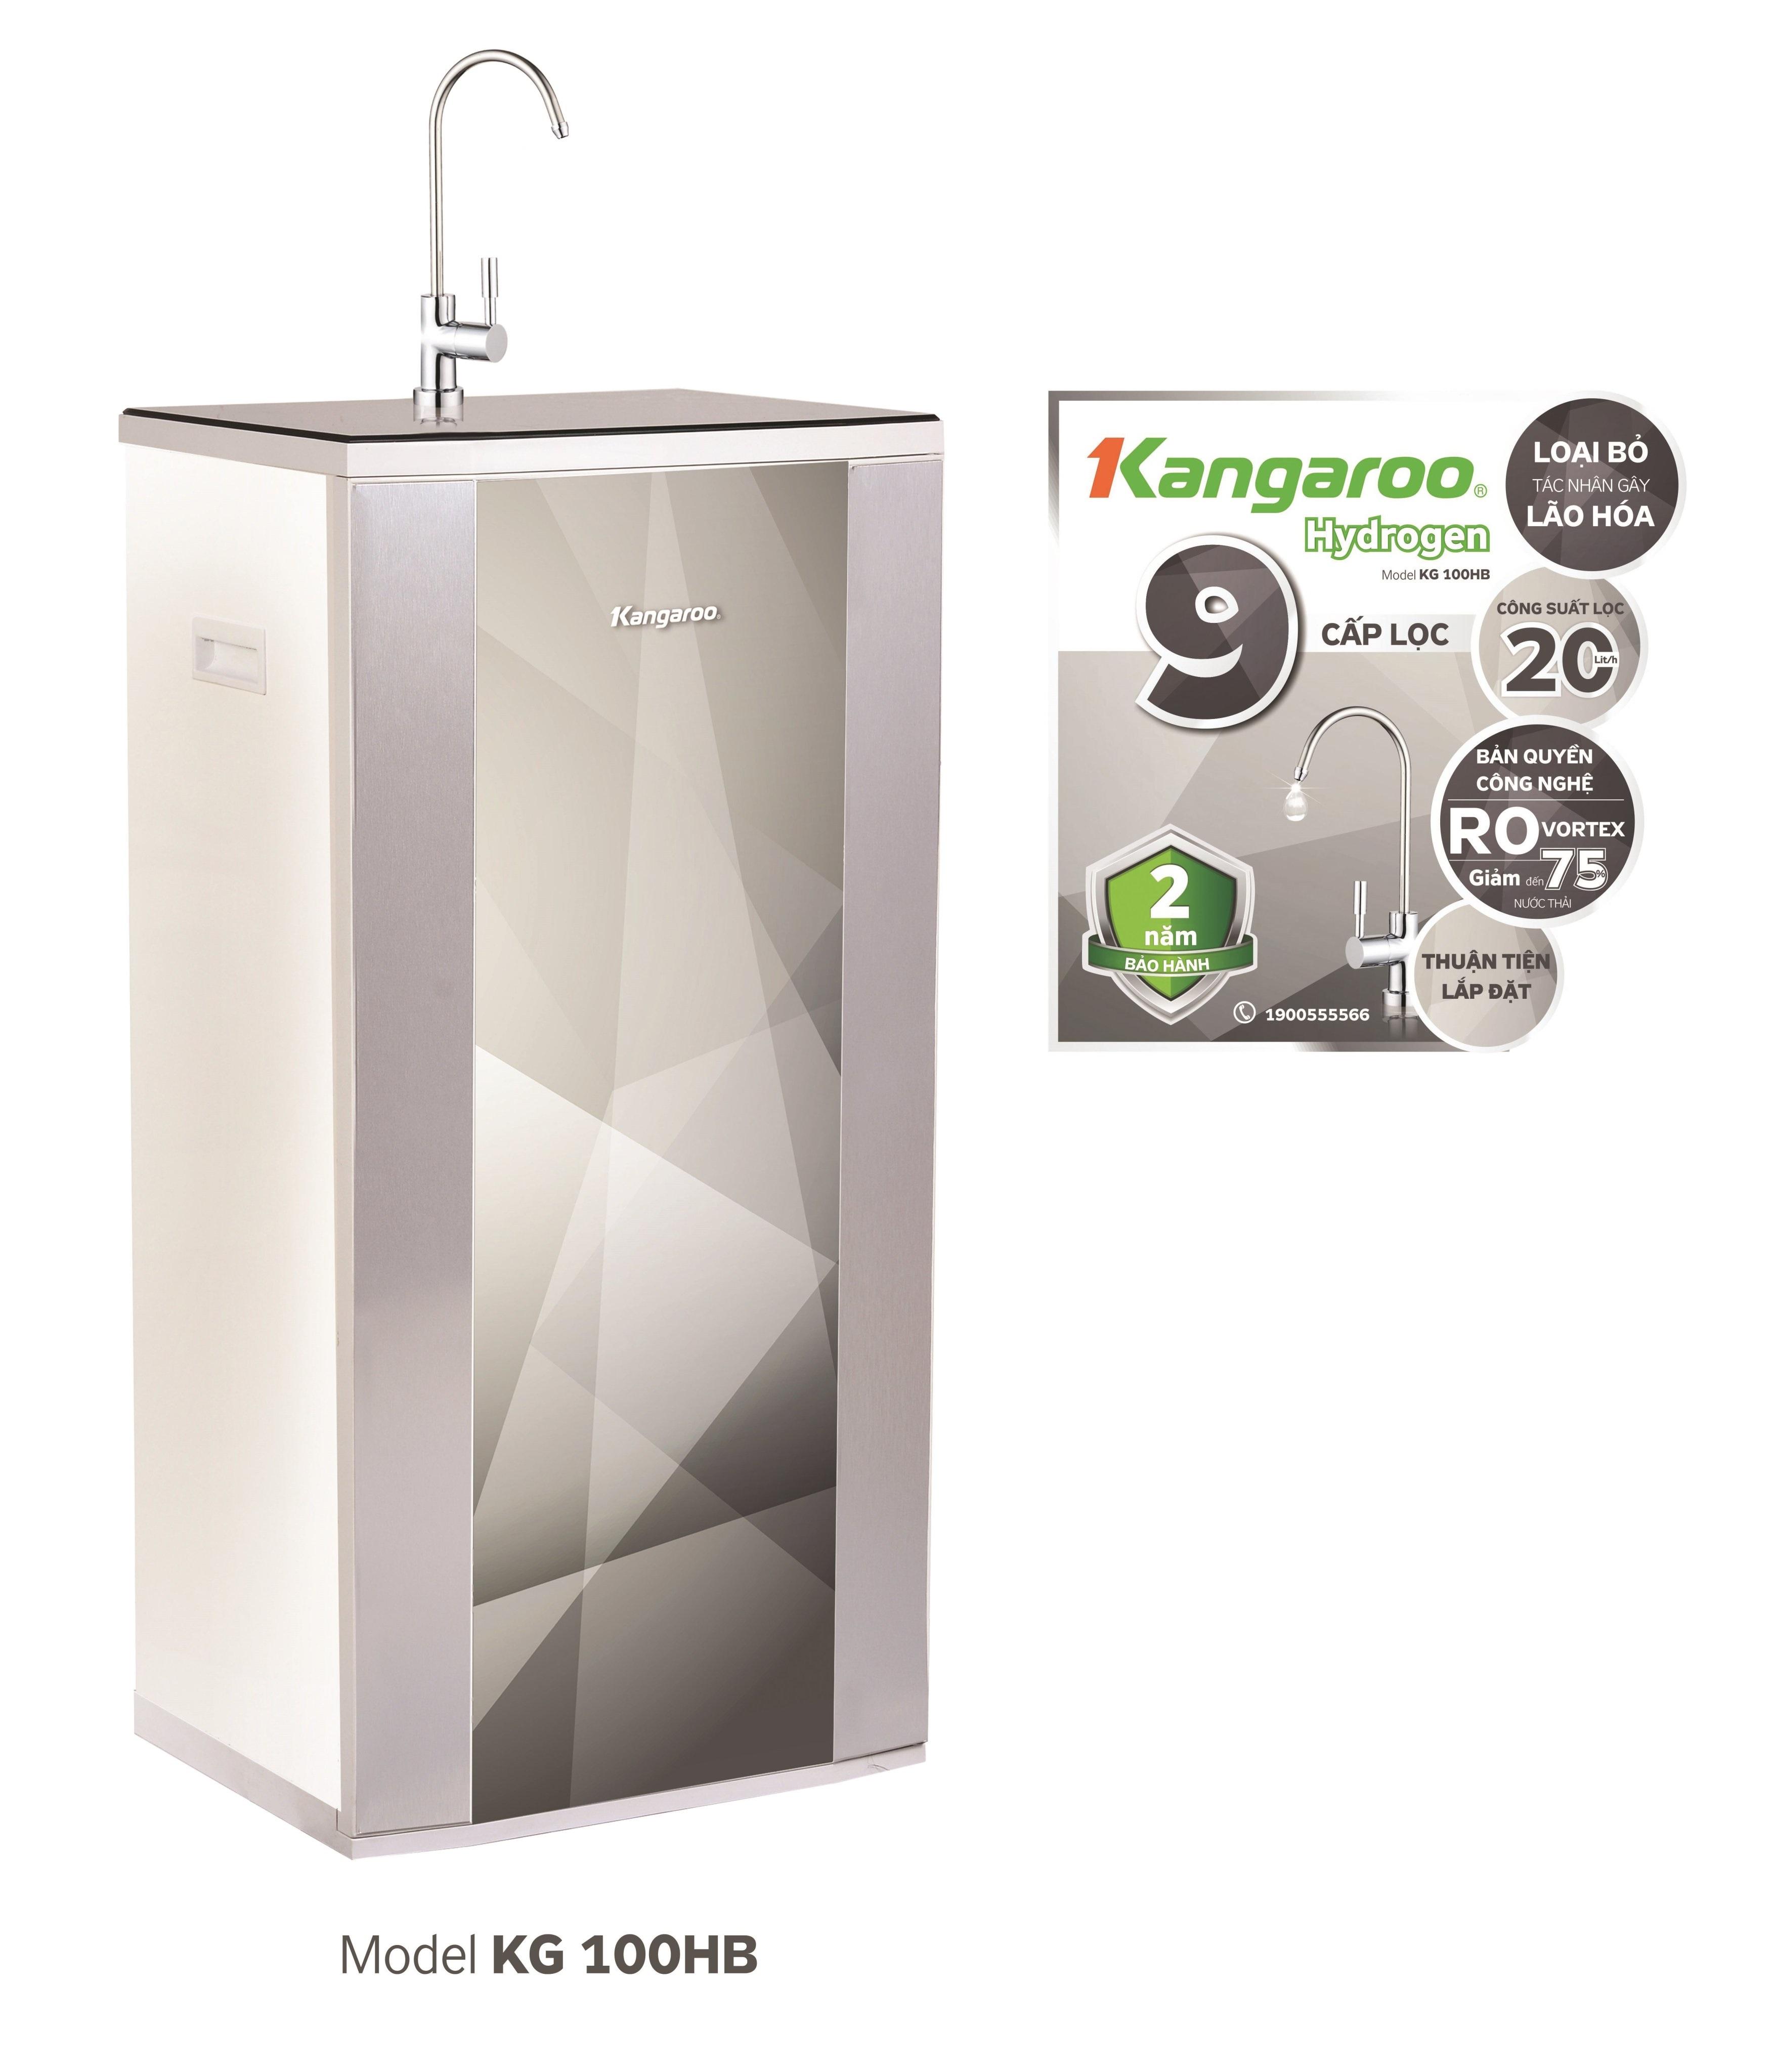 Máy lọc nước Kangaroo Hydrogen 9 lõi KG100HB vỏ tủ VTU